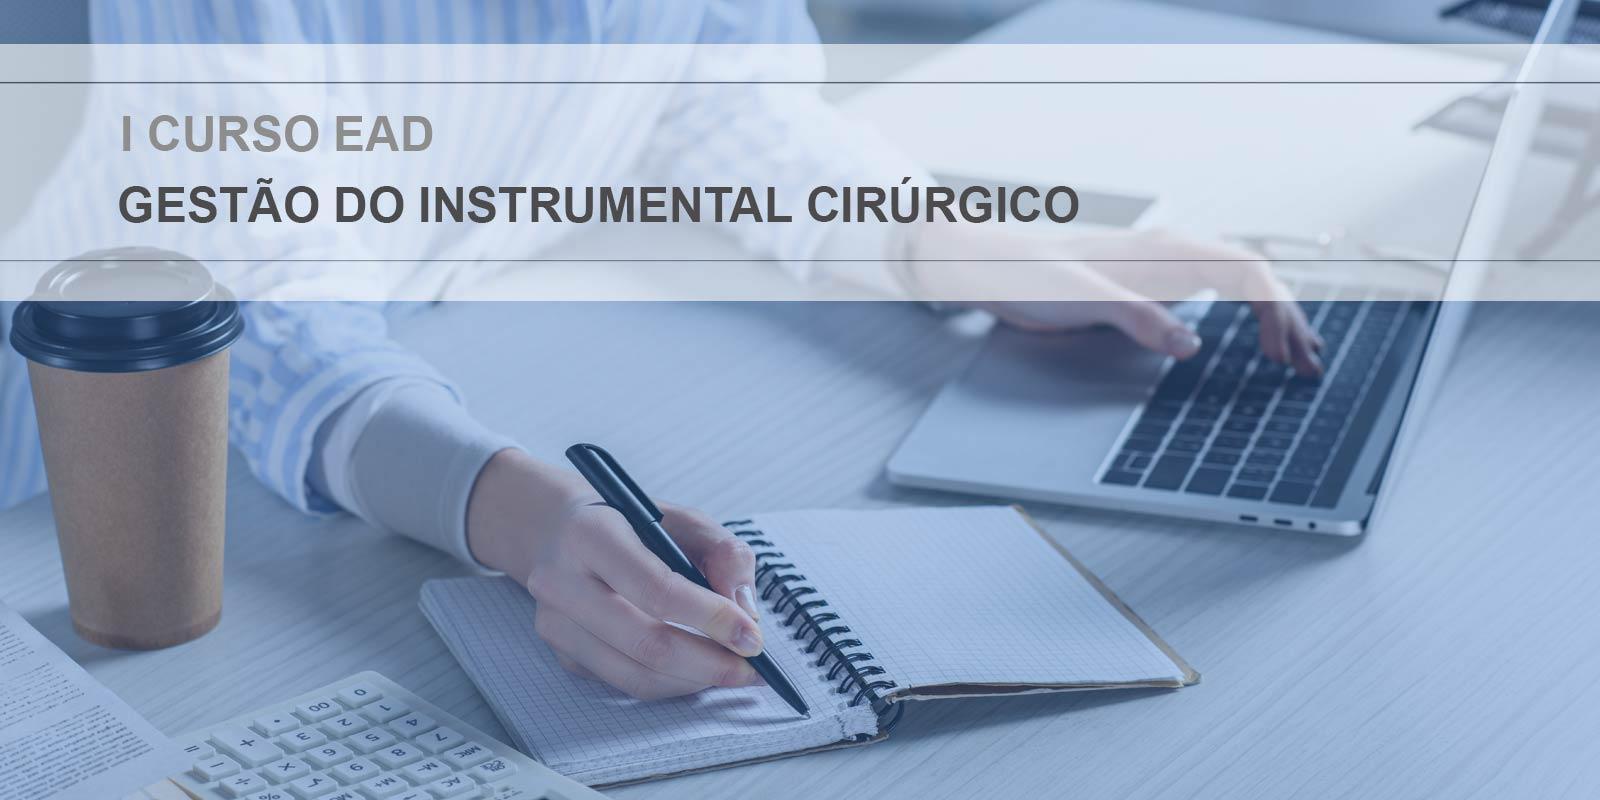 Gestão de Instrumental Cirúrgico